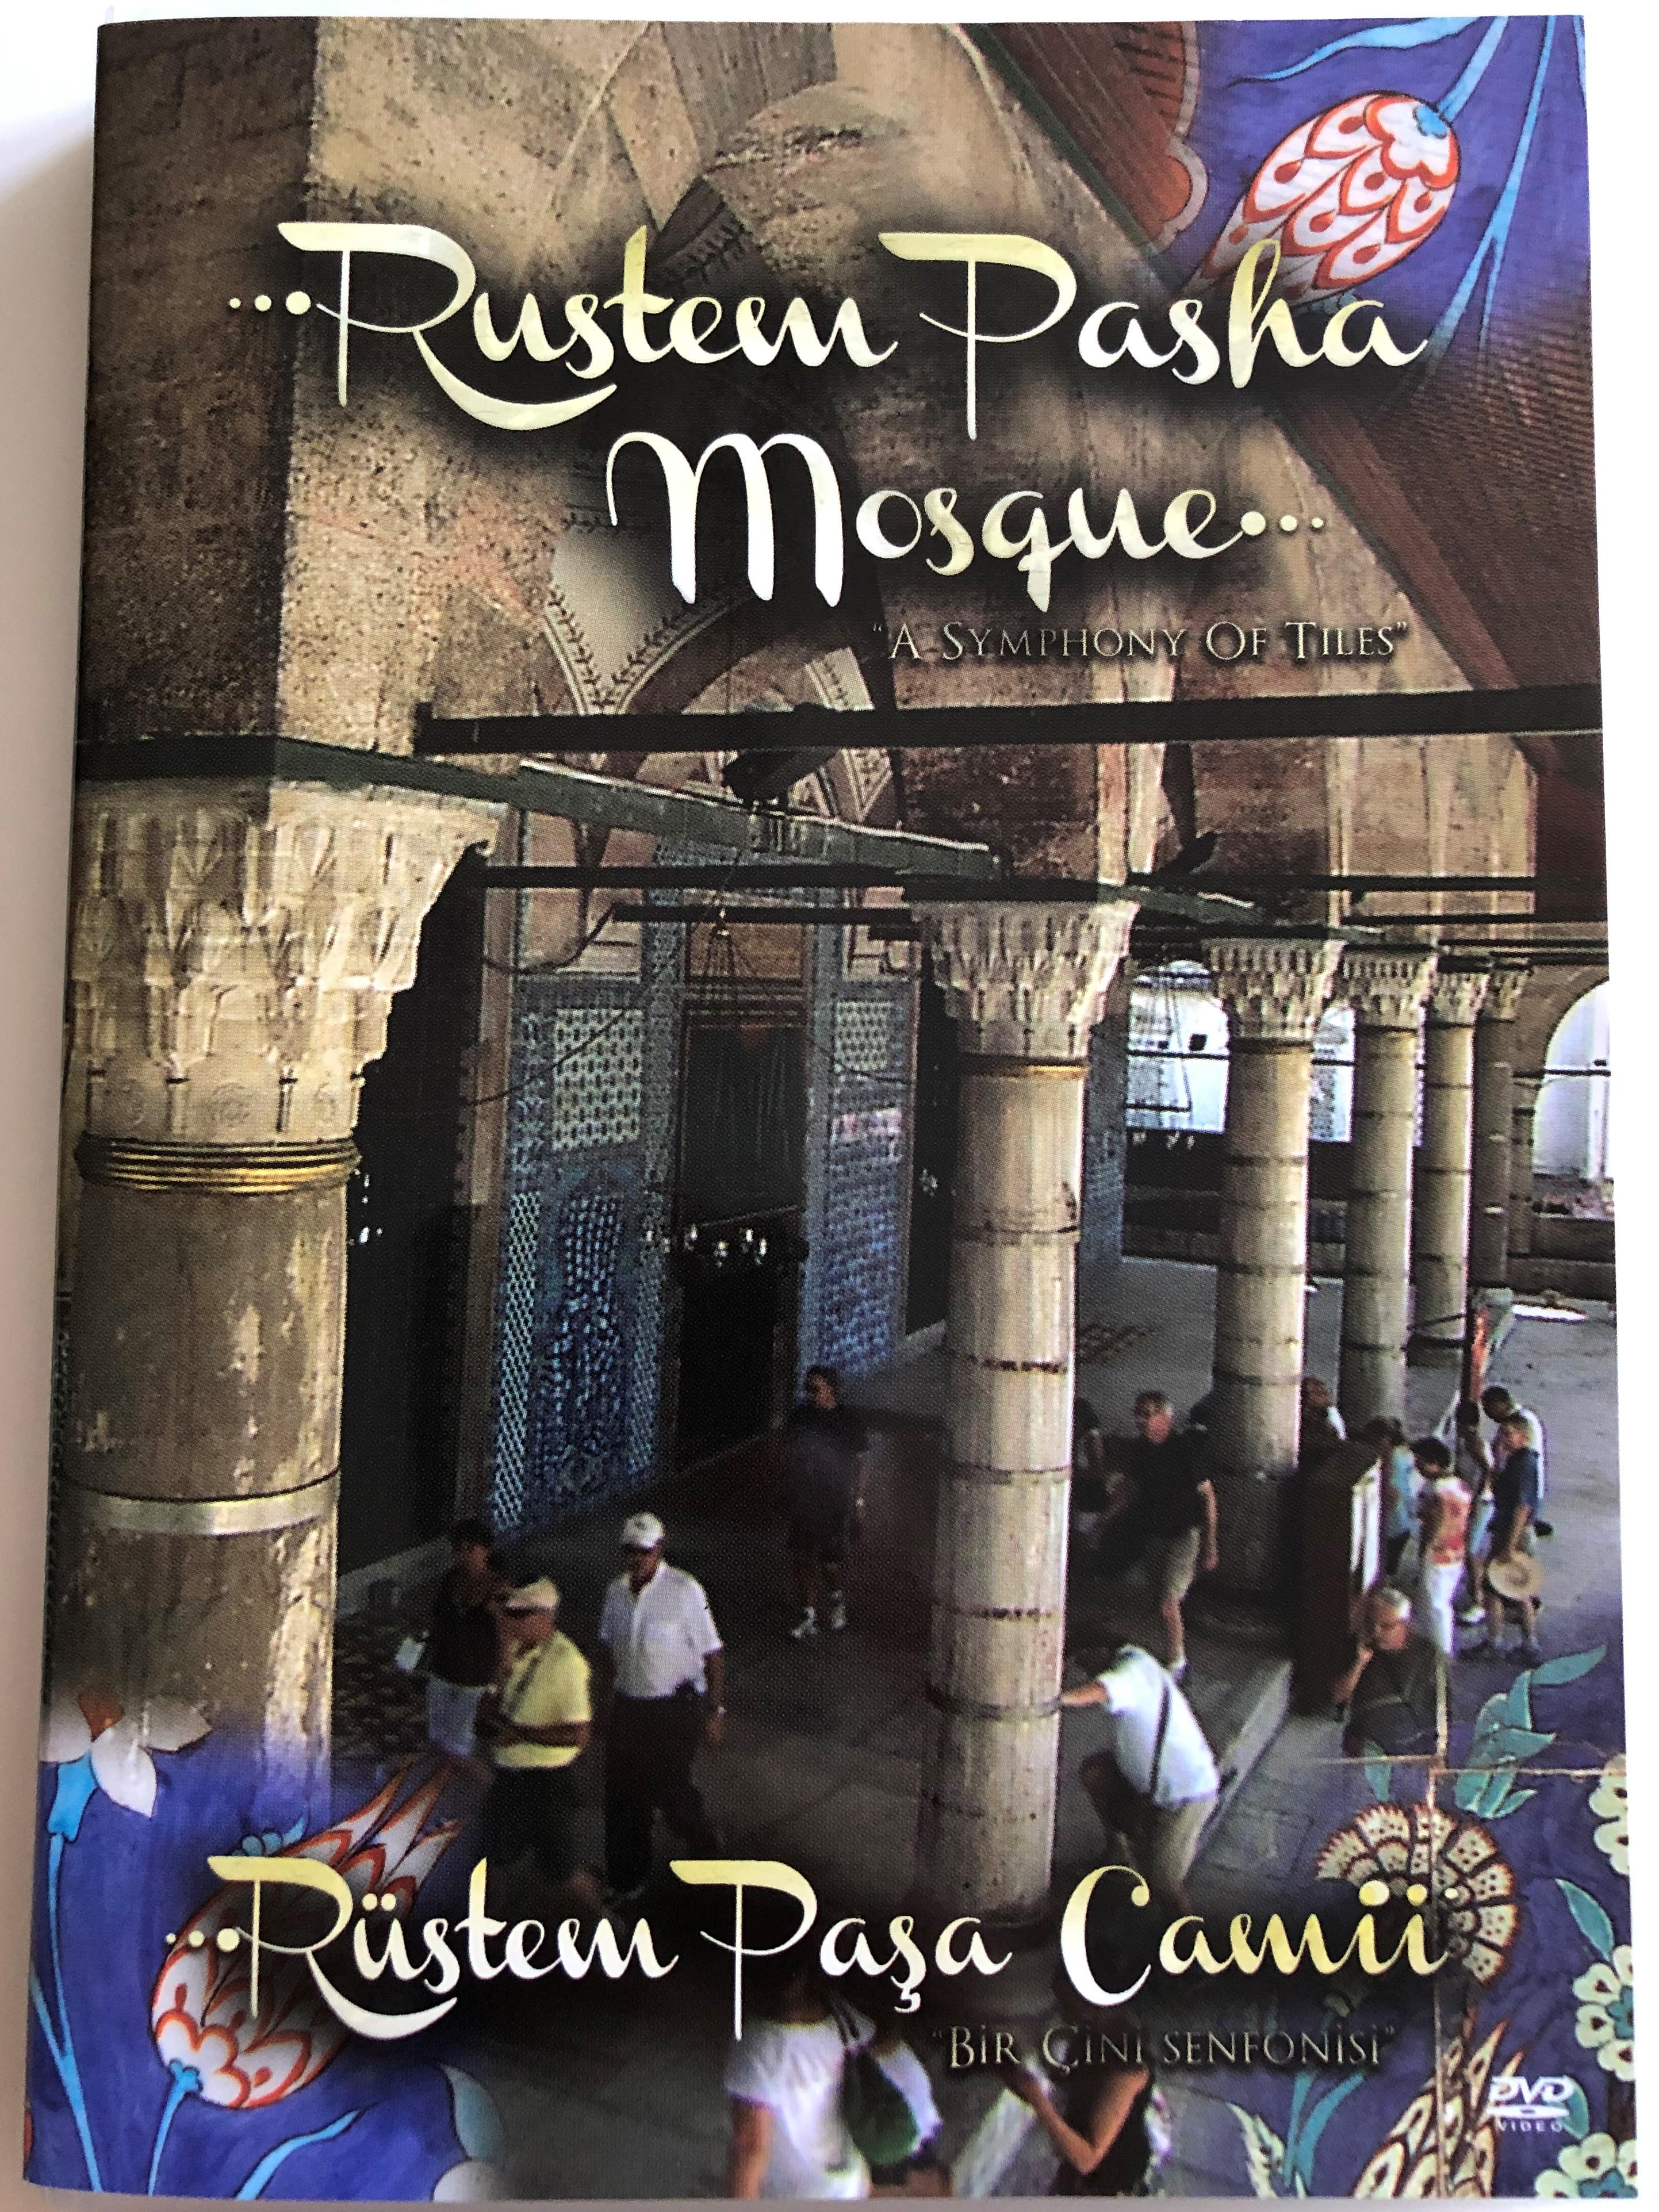 rustem-pasha-mosque-a-symphony-of-tiles-dvd-rustem-pasa-camii-directed-by-senol-demir-z-a-tour-of-the-mosque-bir-cini-senfonisi-1-.jpg